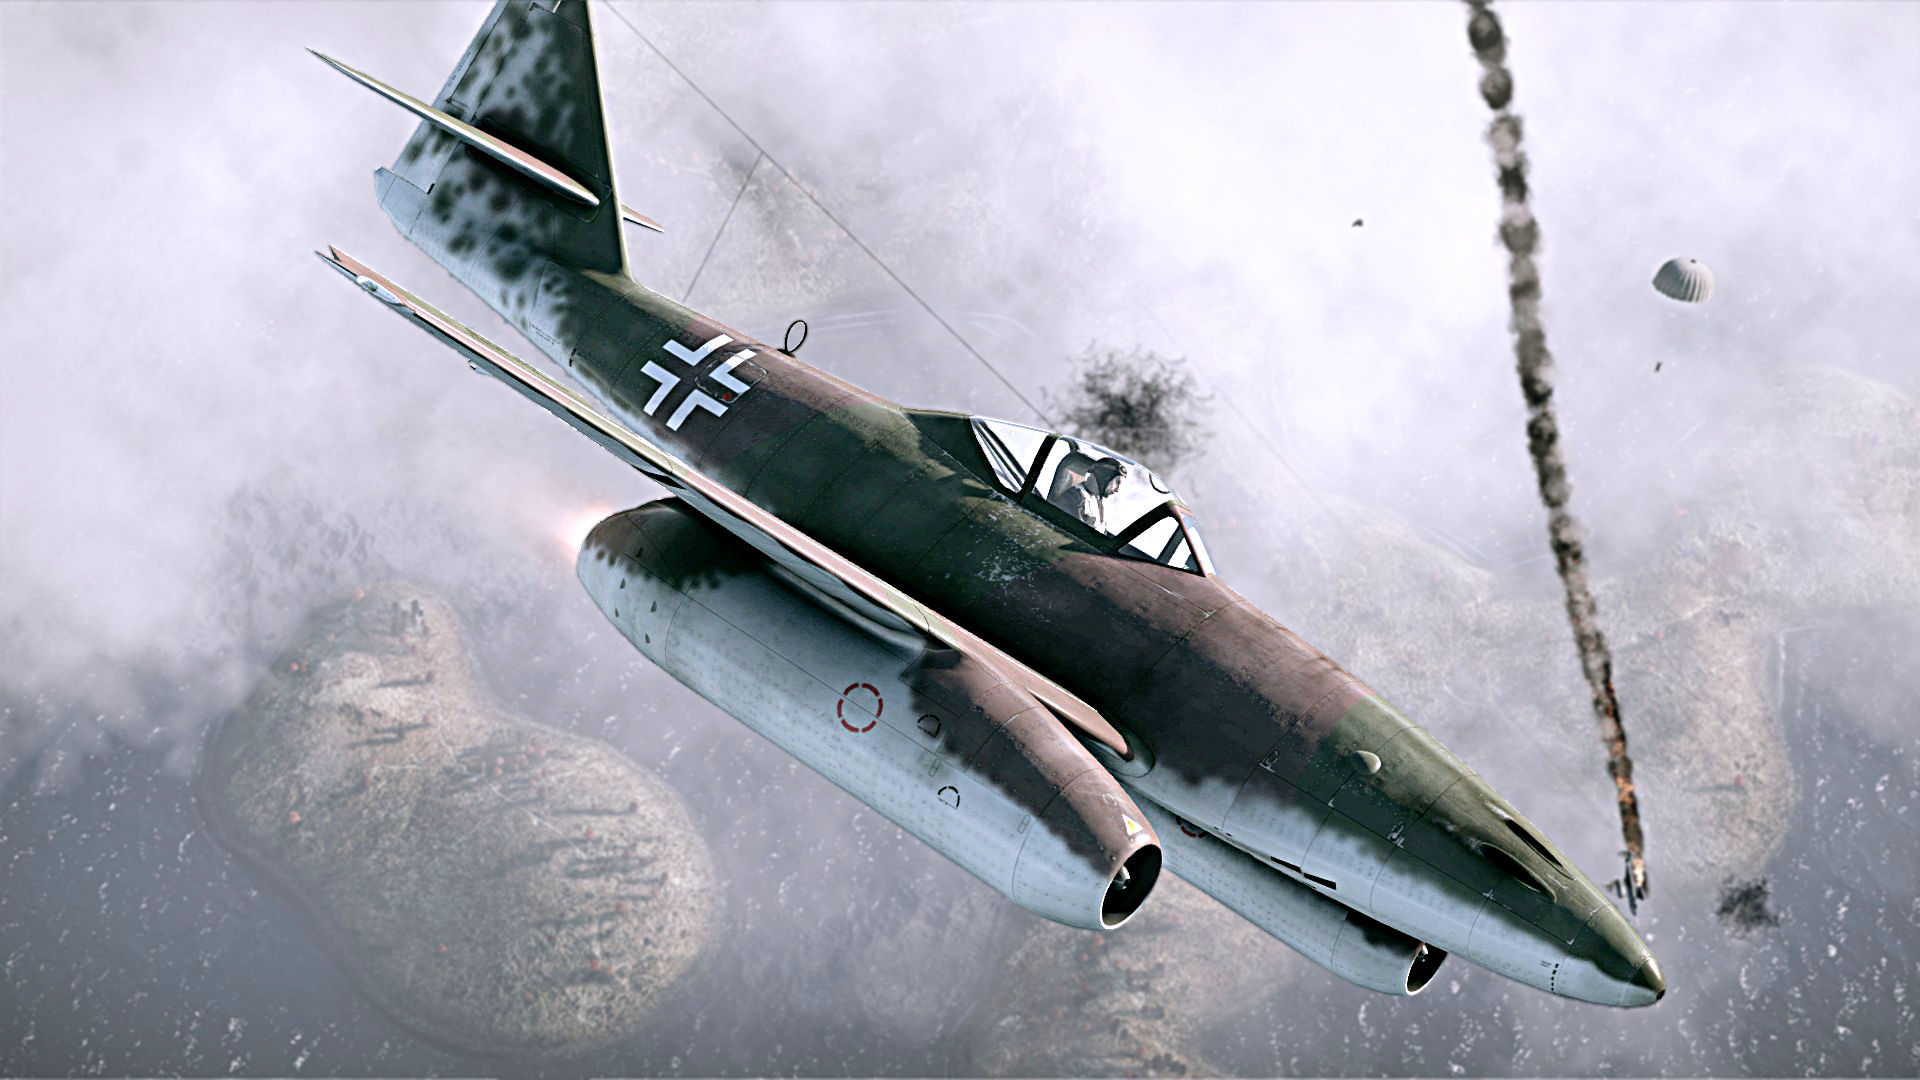 3493 - Aviones alemanes de la II Guerra Mundial (Nivel Avanzado)